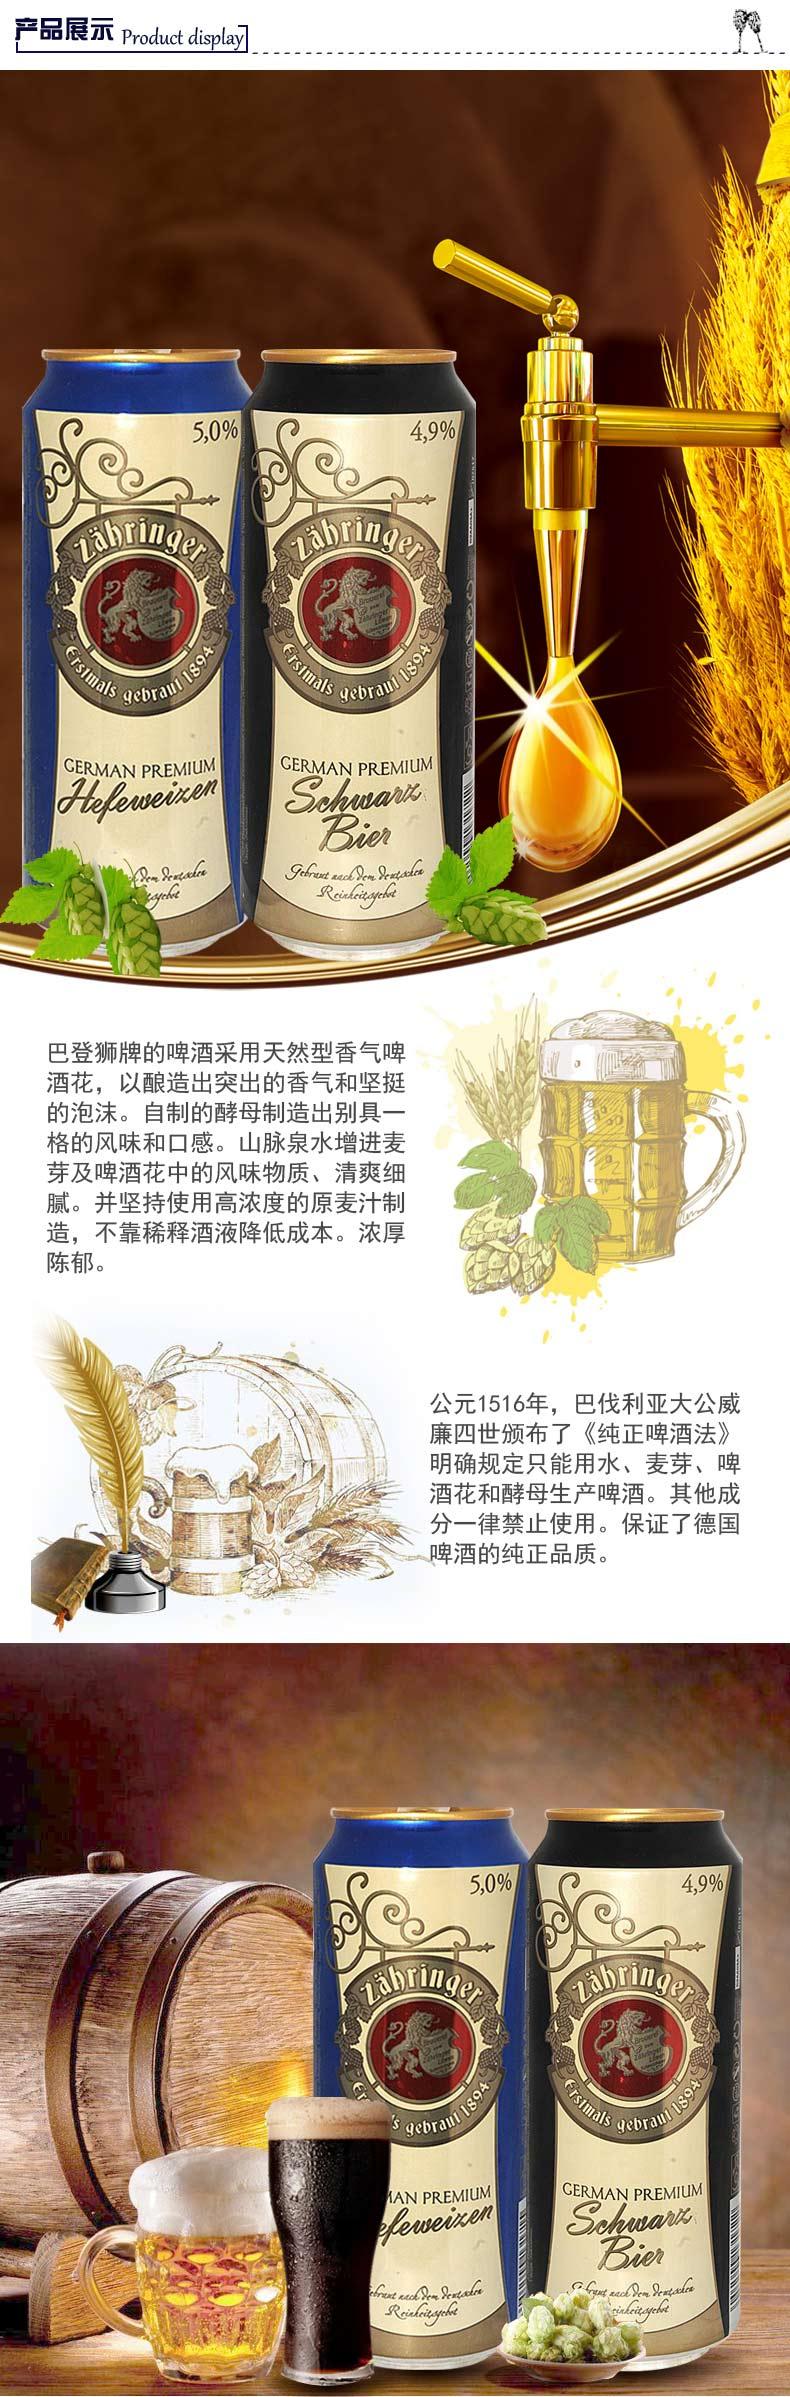 巴登狮皮尔森啤酒图片